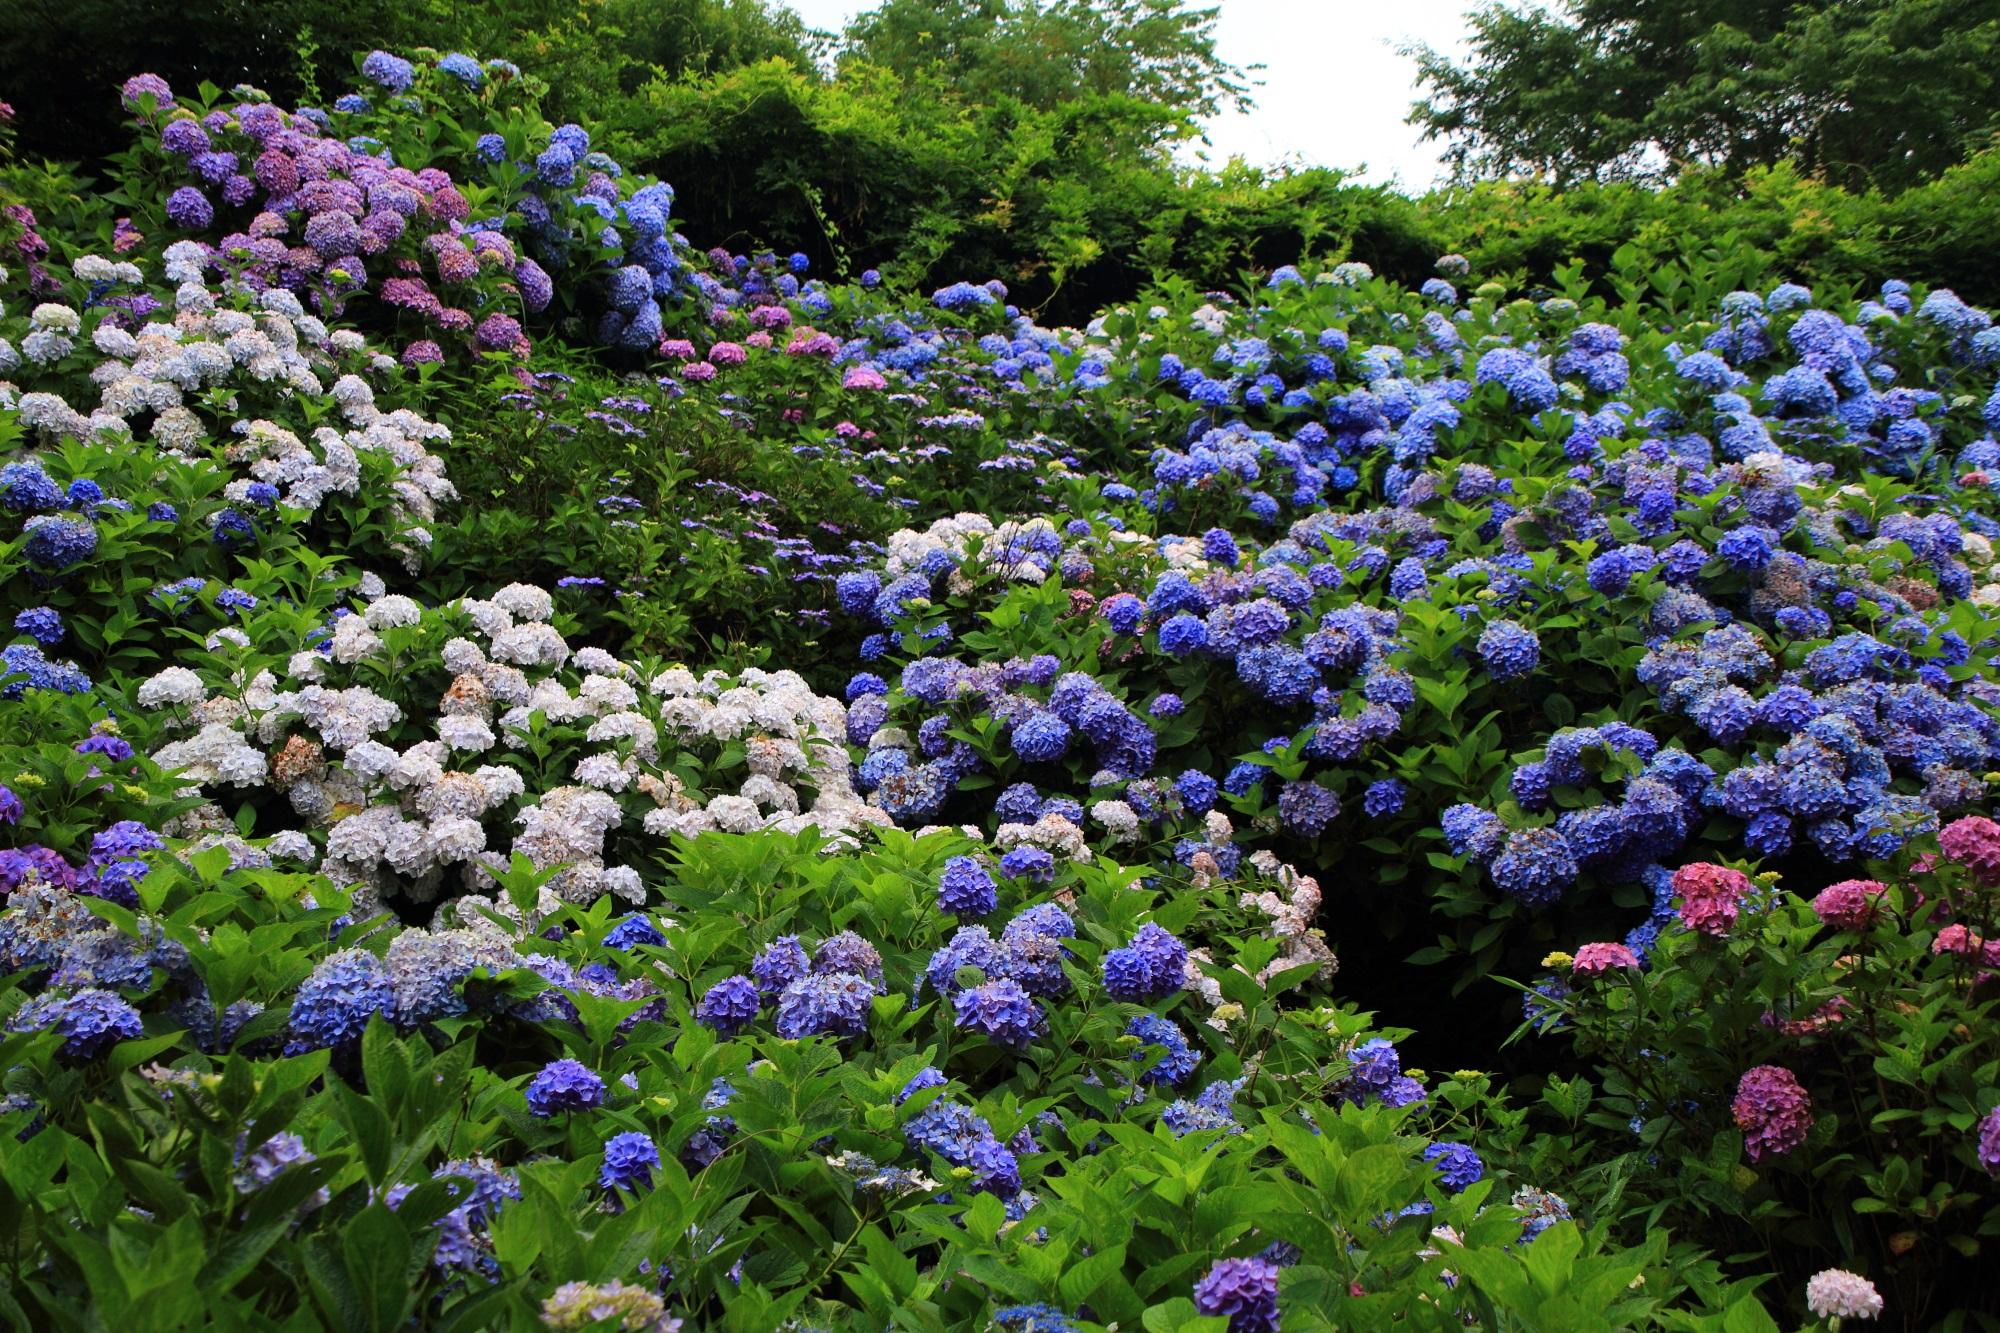 紫陽花が物凄いことになっている丹州観音寺(たんしゅうかんのんじ)